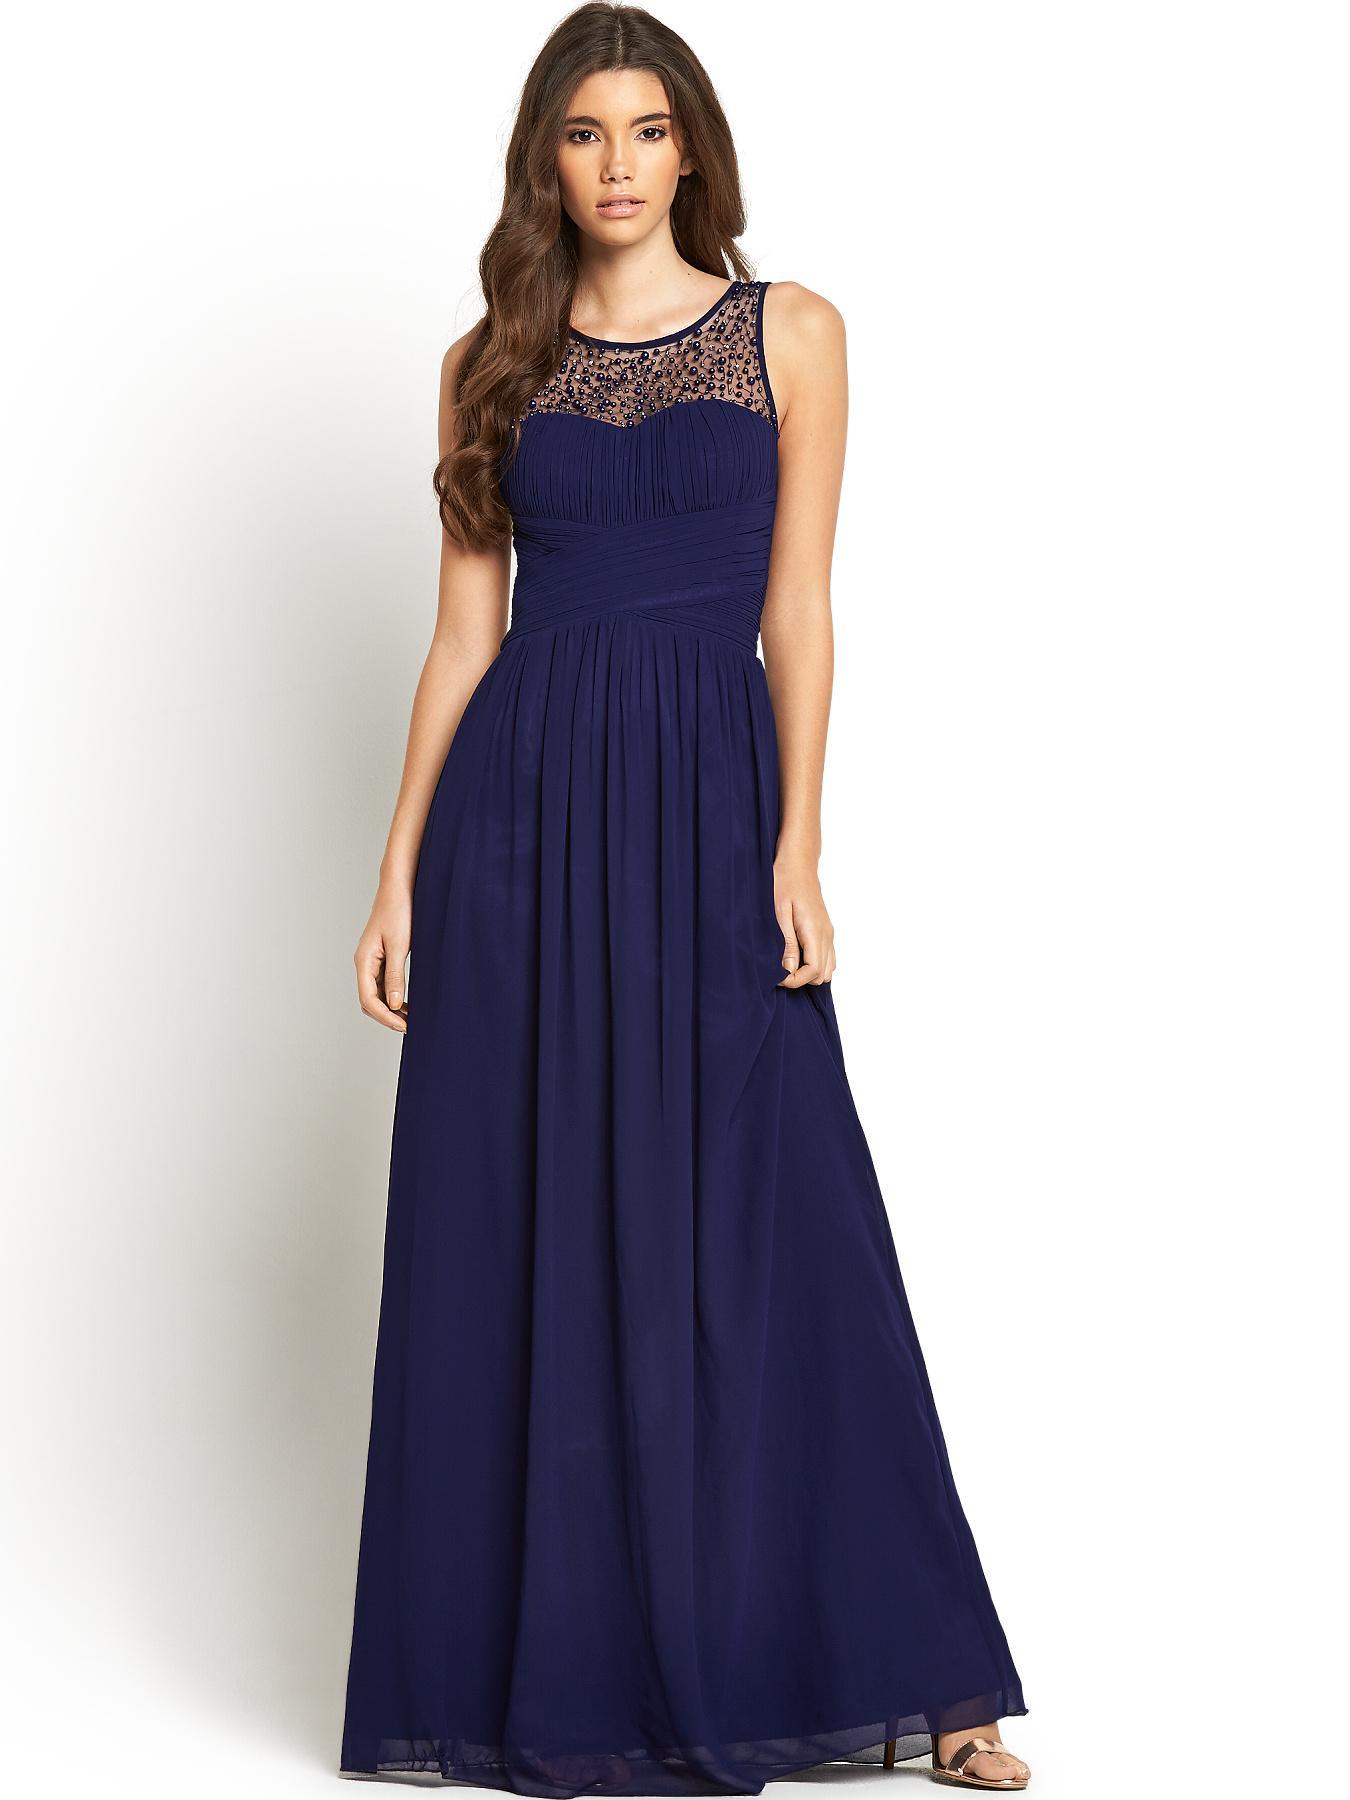 Glamorous maxi dresses uk